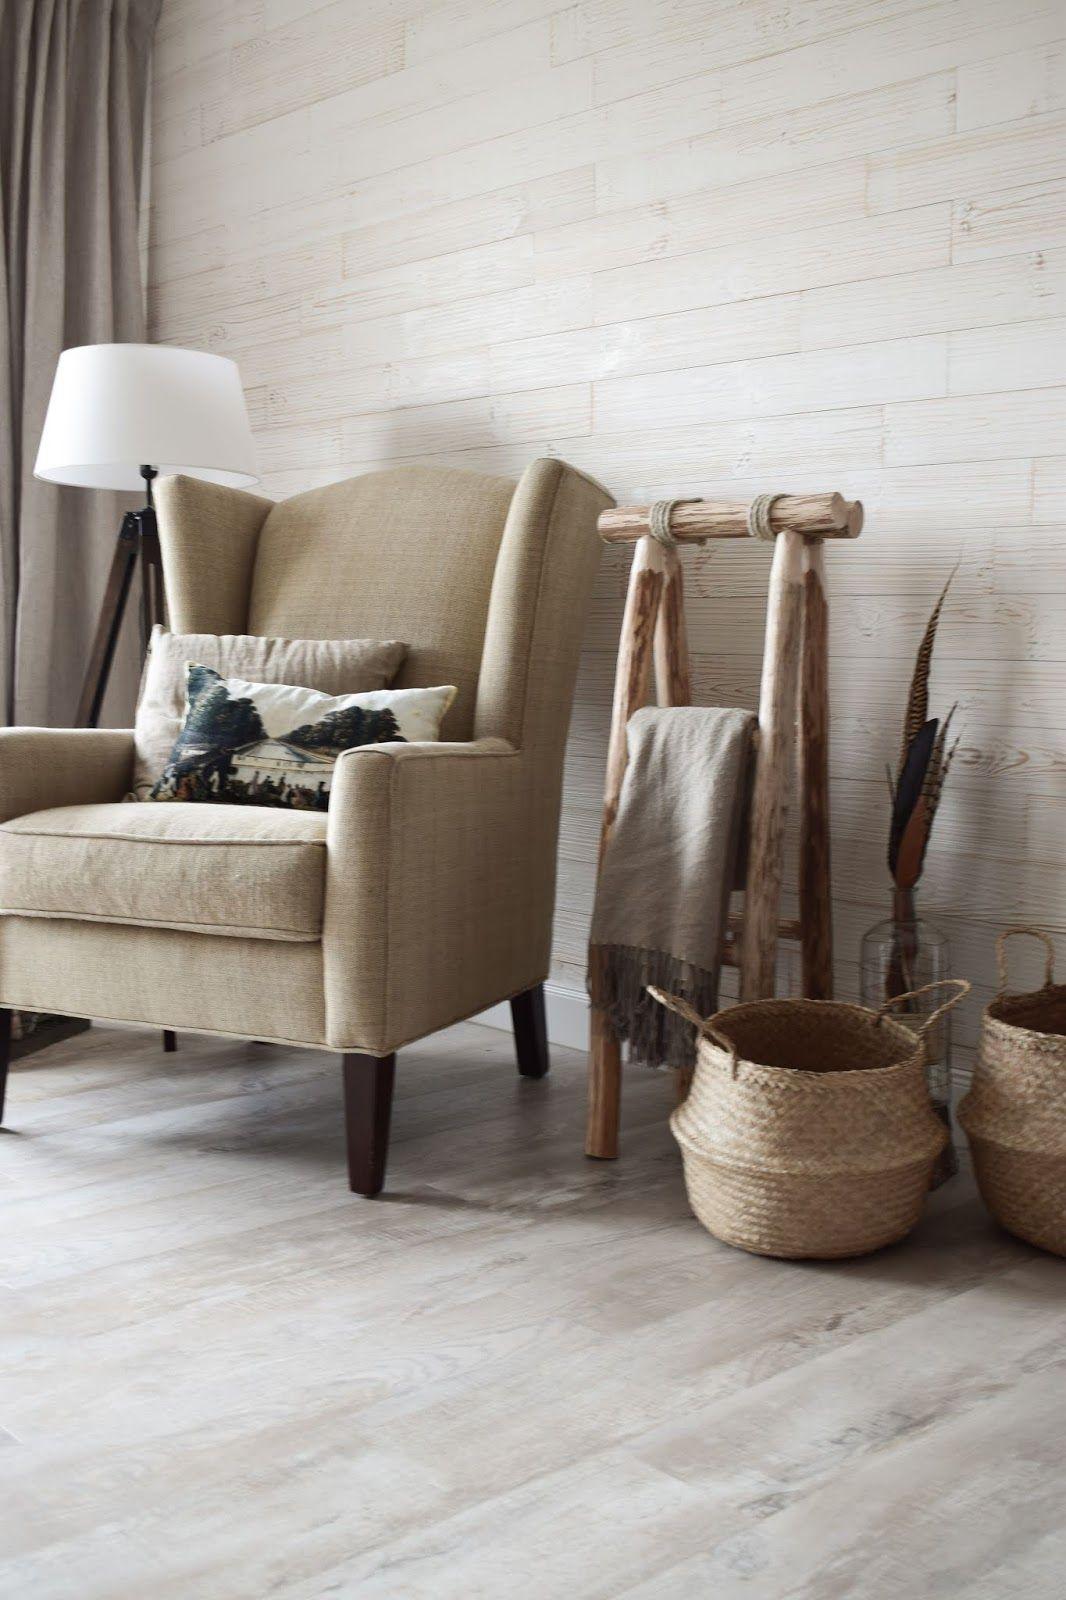 Wohnzimmer Dekoidee Wandverkleidung Holz Wandwood Deko Einrichtung Holzwand Renovierung Renovieren Diy Selbermachen Einrichten Vo Wohnzimmer Holzwand Haus Deko